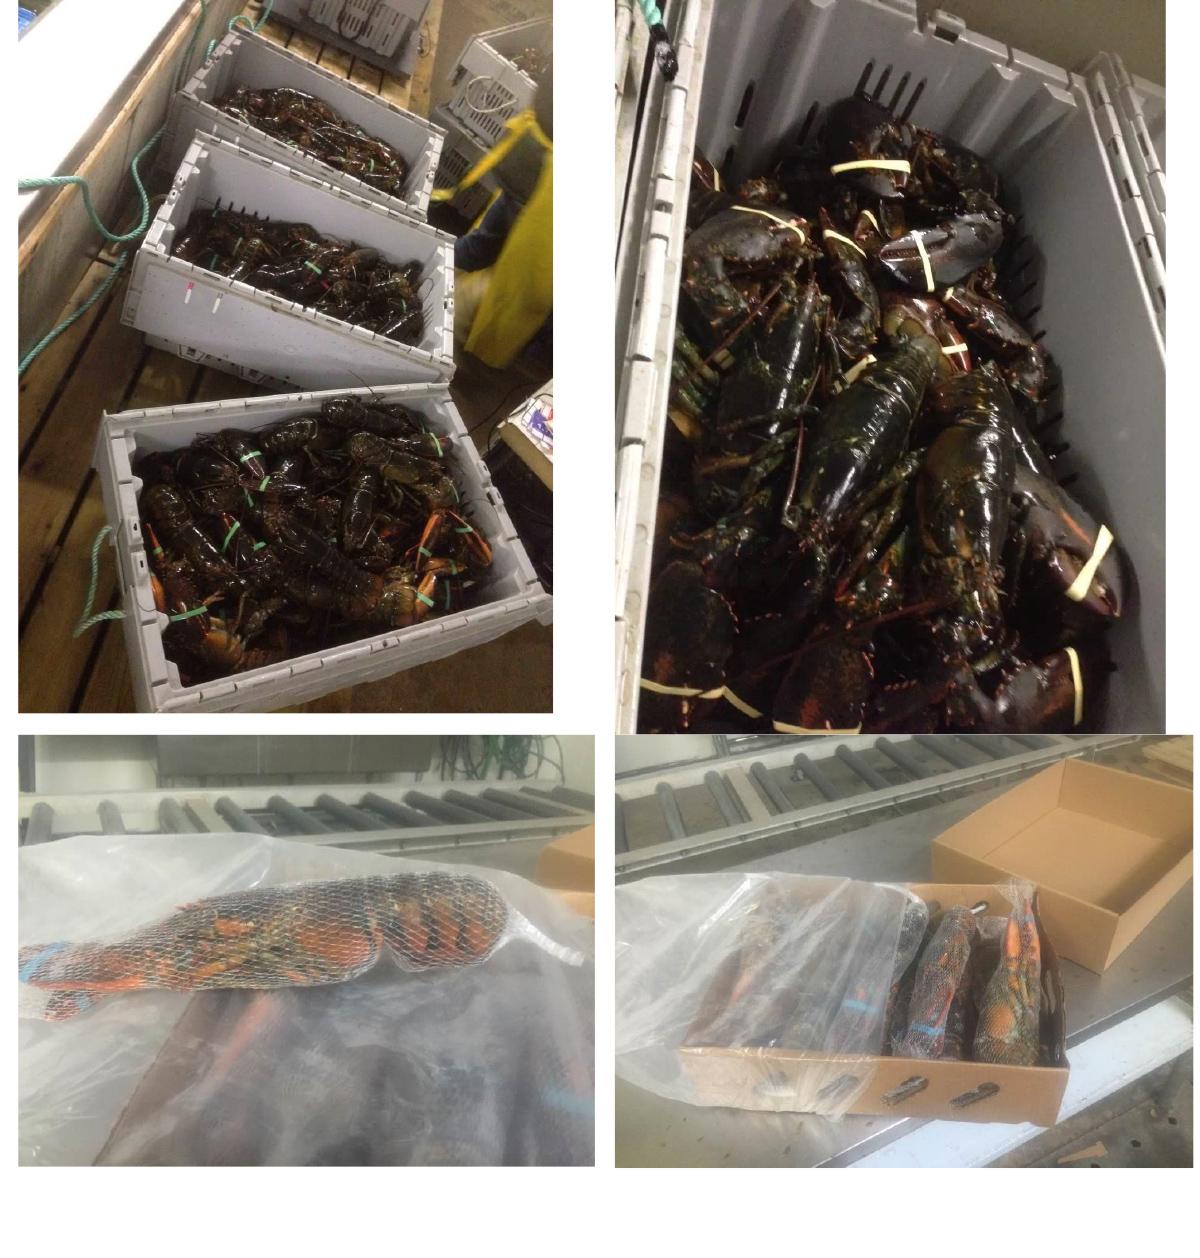 加拿大冰冻龙虾